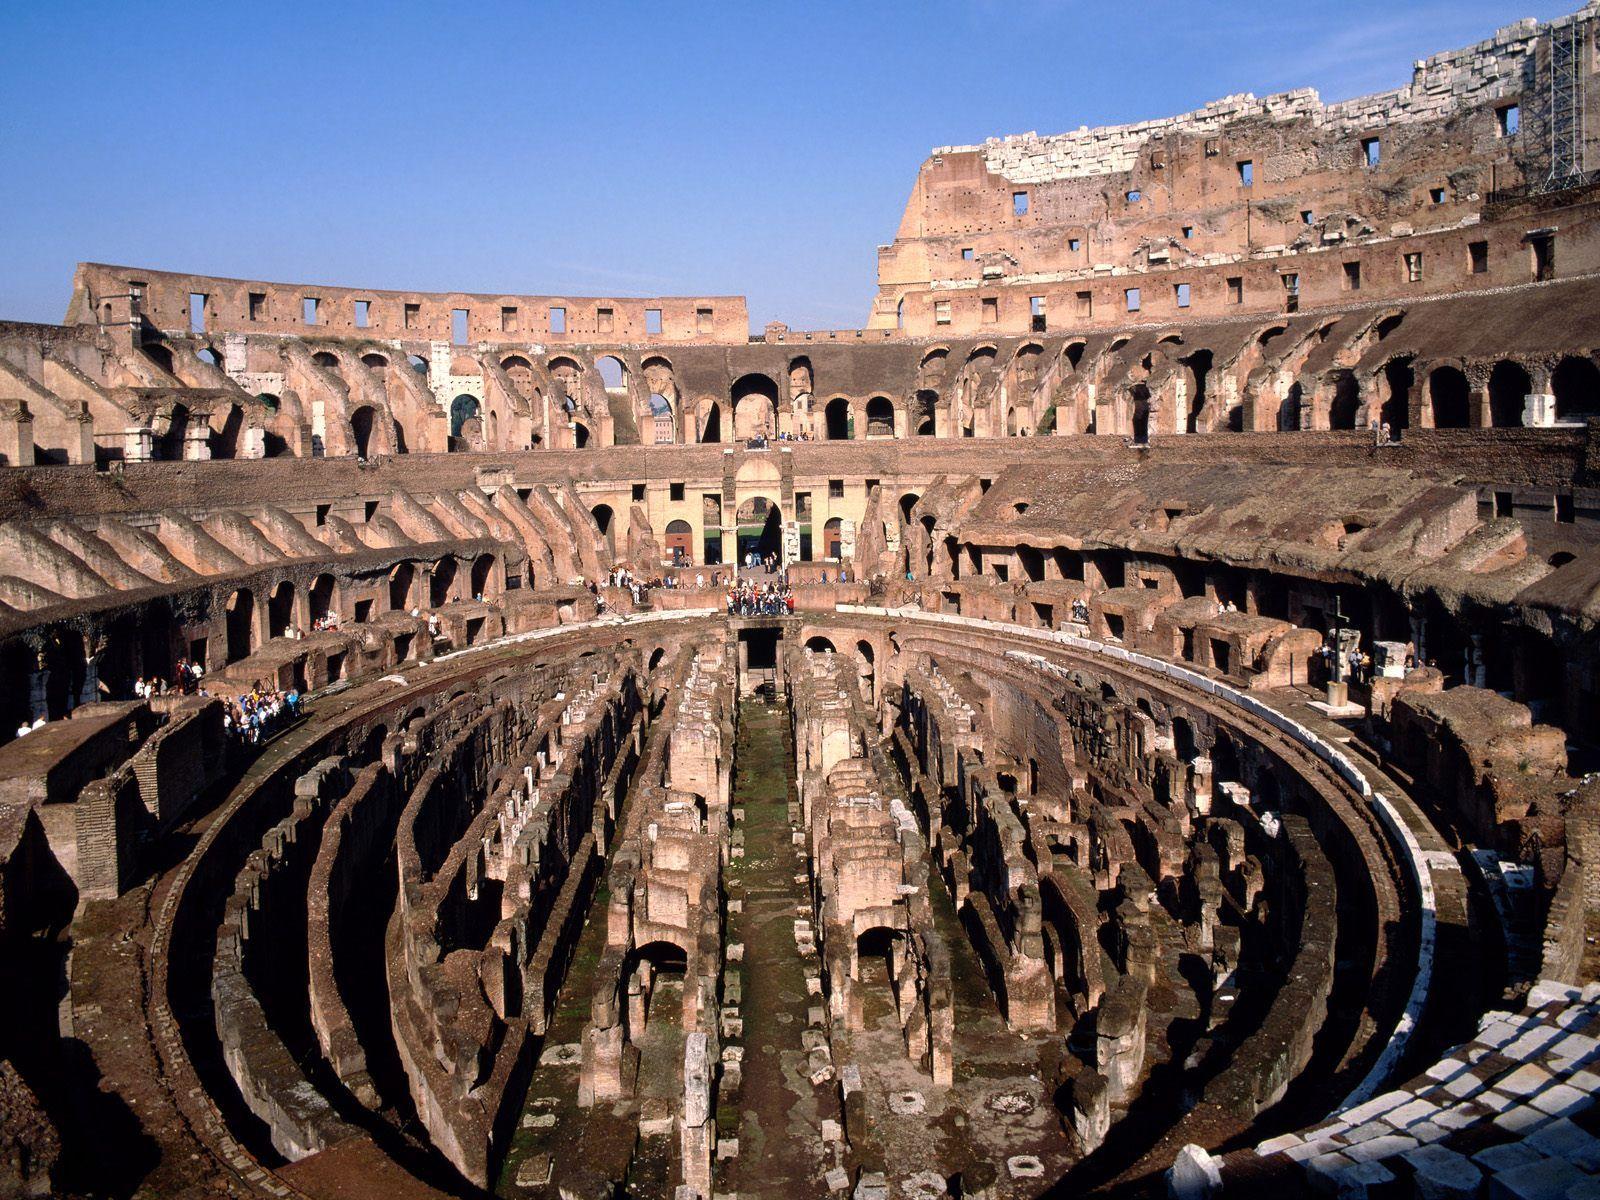 http://1.bp.blogspot.com/-afldleYSsxA/TgIyx-ClluI/AAAAAAAAG1Y/5QLsu9ech7A/s1600/Colosseum_Rome_Italy.jpg